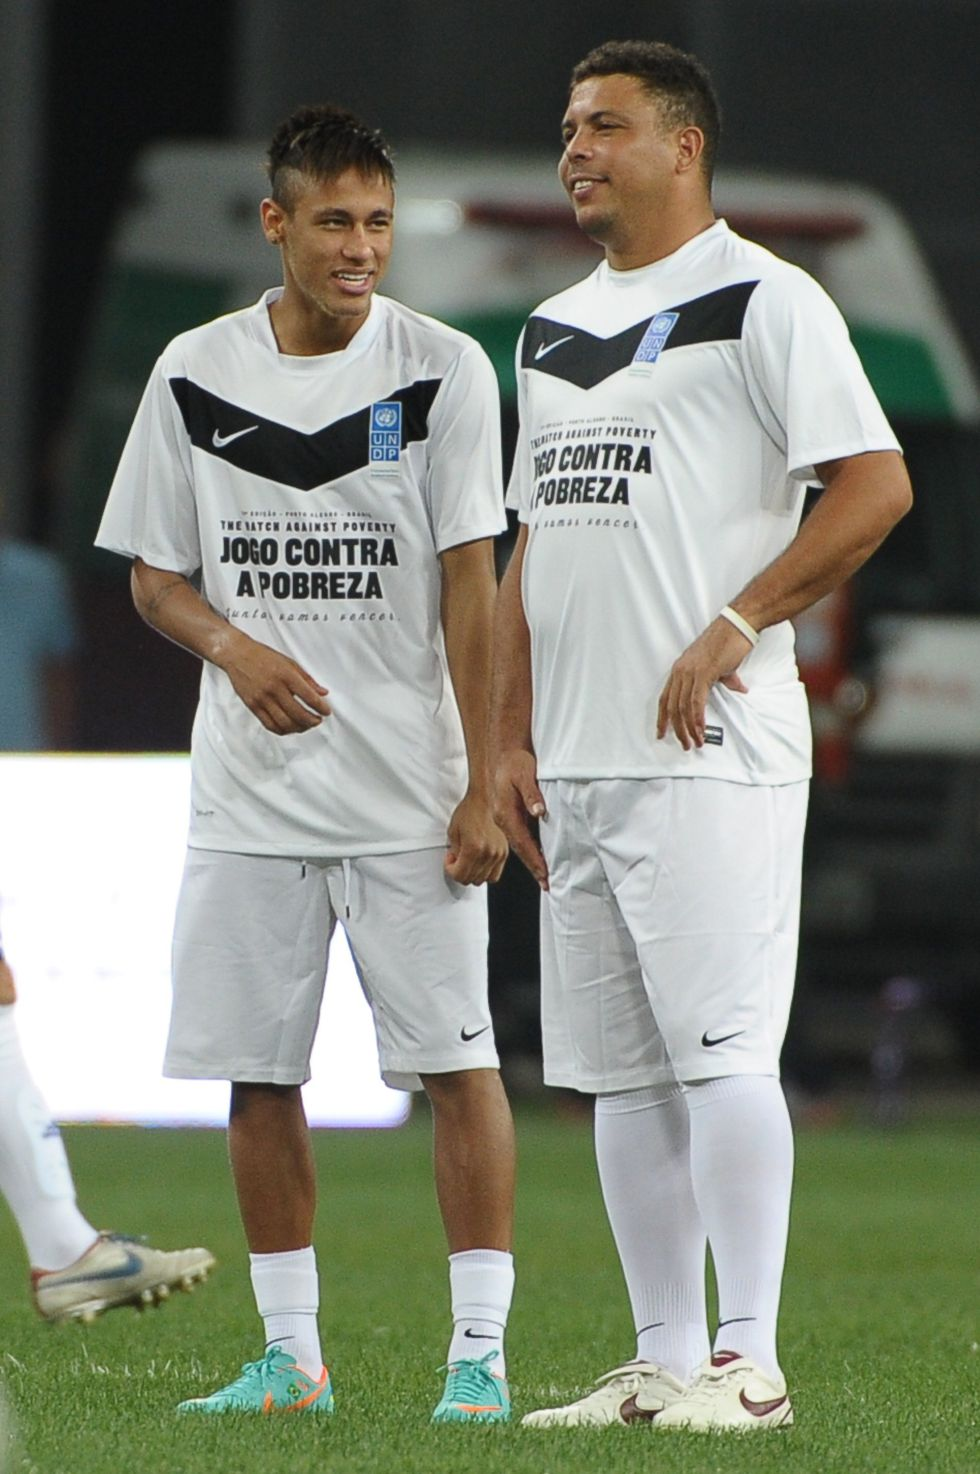 Los amigos de Ronaldo ganan el partido contra la pobreza